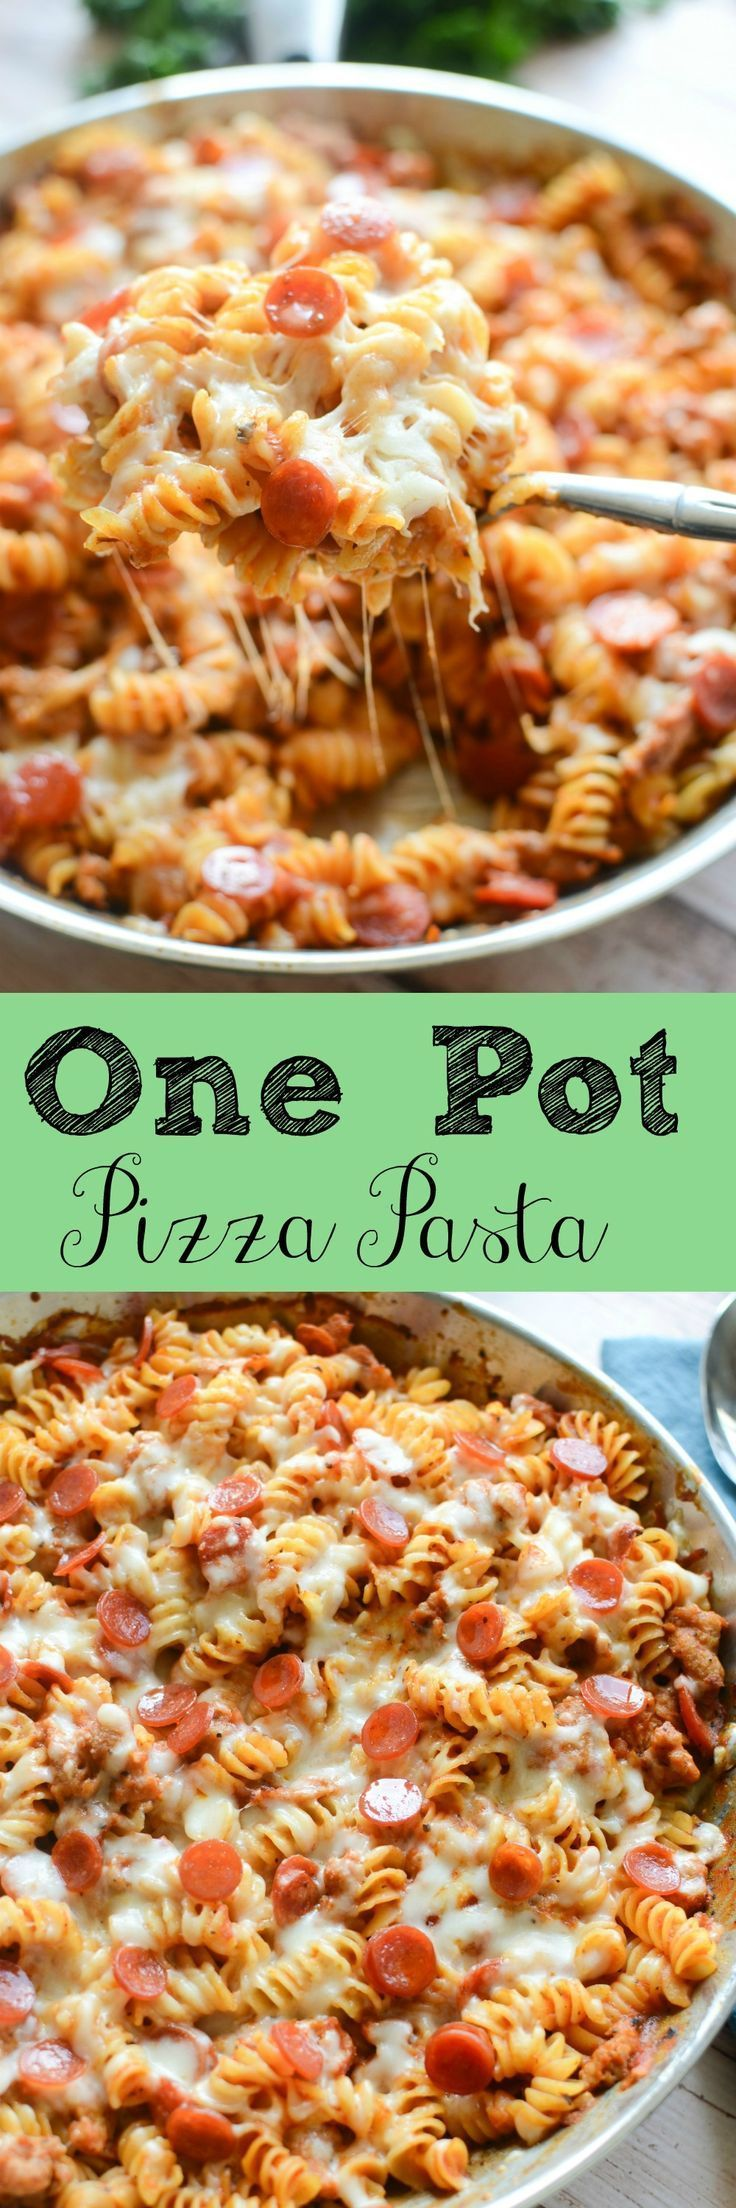 One Pot Pizza Pasta - schnelles und einfaches Rezept für ein Abendessen! Wurst, Peperoni und viel ...   - i ♥ pasta and pizza recipes - #Abendessen #ein #einfaches #für #Pasta #Peperoni #Pizza #Pot #Recipes #Rezept #schnelles #und #viel #Wurst #easyonepotmeals